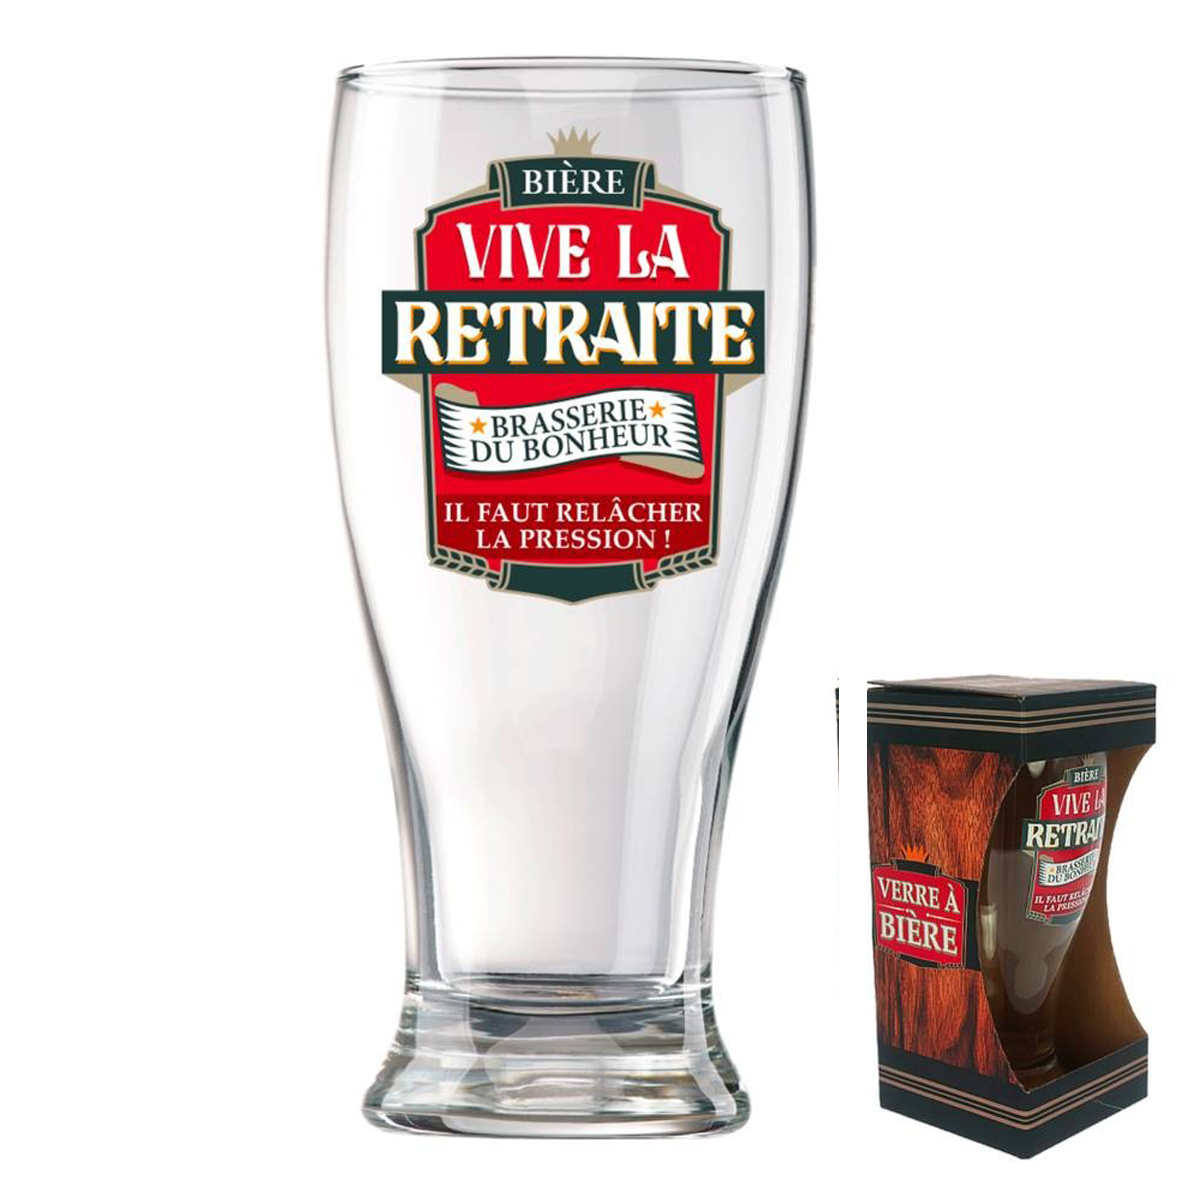 Verre à bière \'Vive la Retraite\' (Brasserie du bonheur - il faut relacher la pression !)  - 16x8 cm - [P8547]